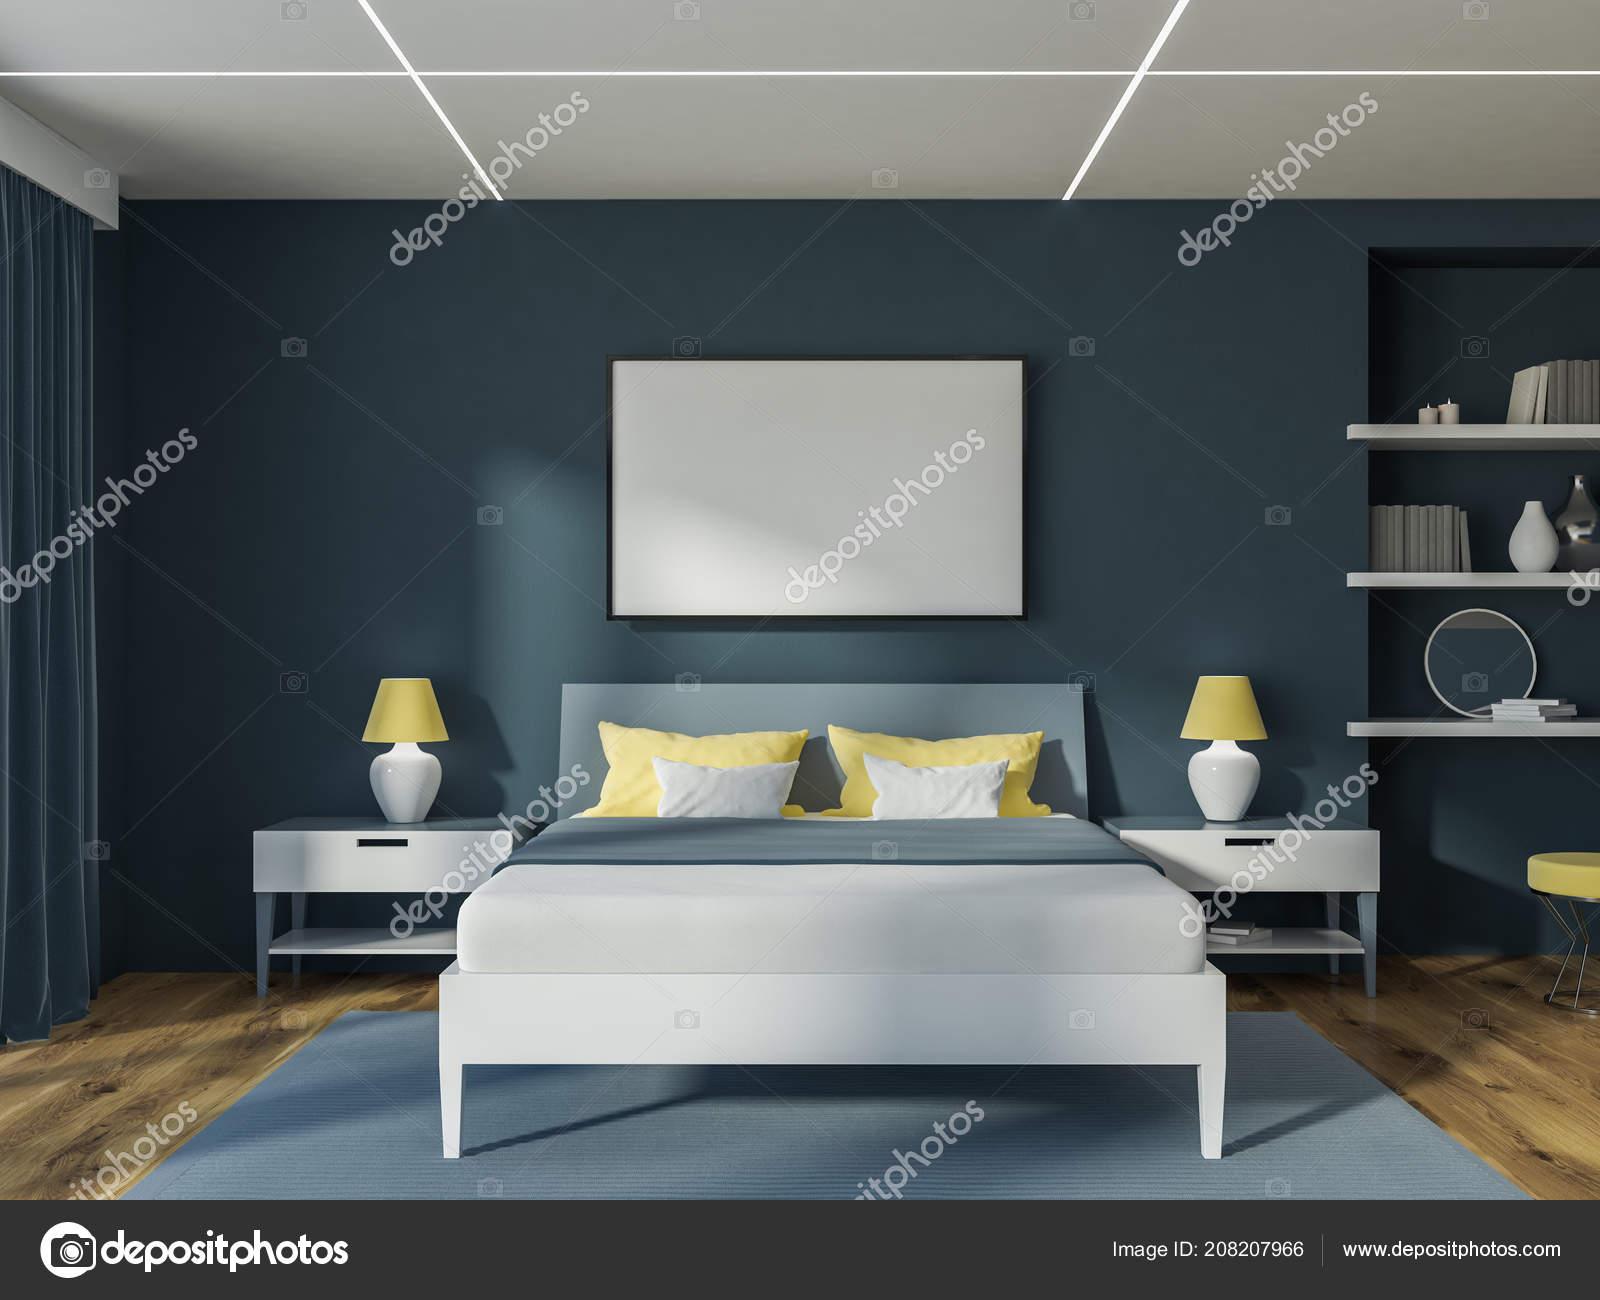 Camere Da Letto Pareti Grigie : Colore camera da letto con pareti grigie n tavoli toeletta